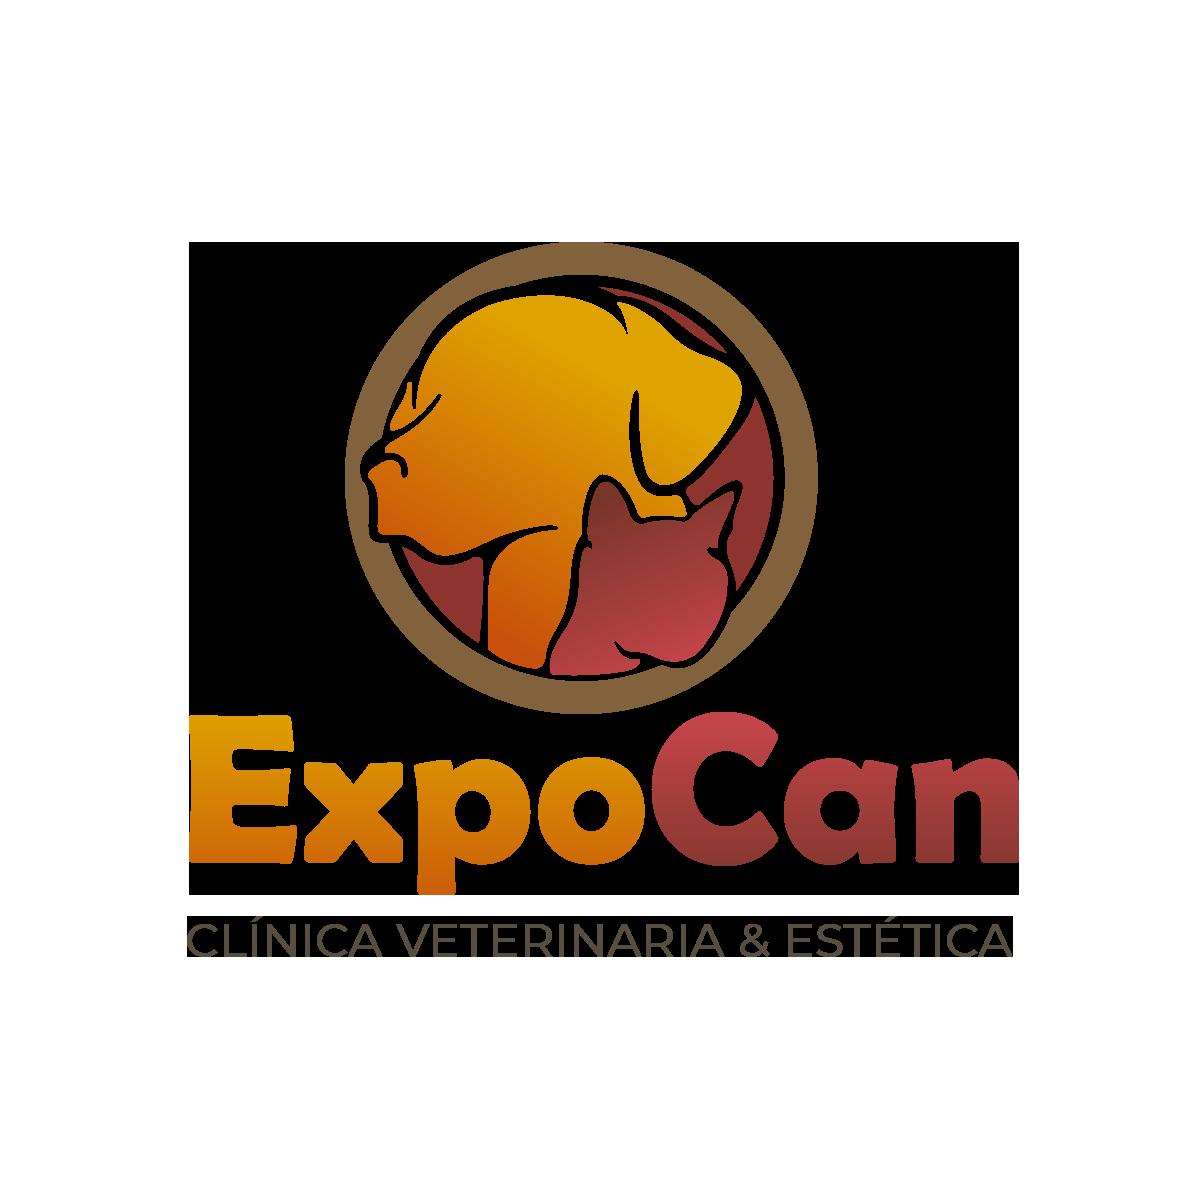 Veterinaria Expocan